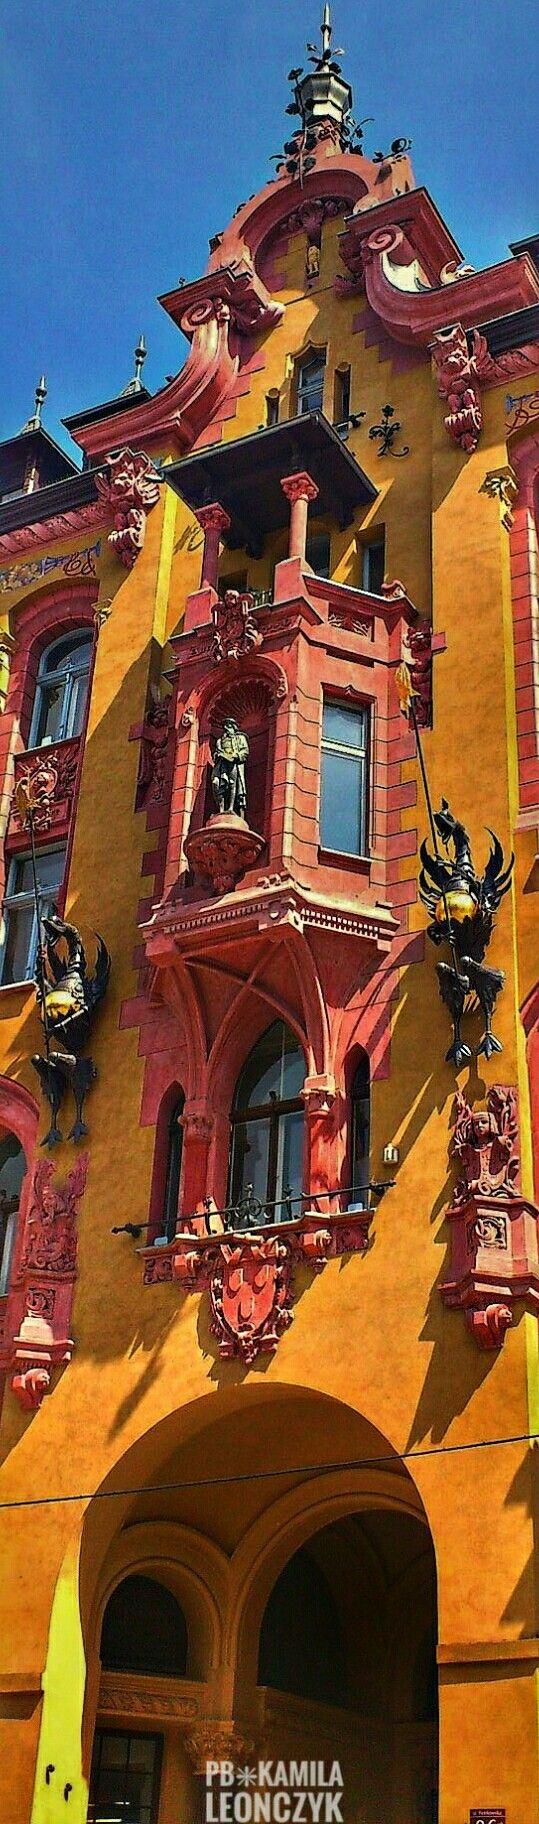 Łódź Poland